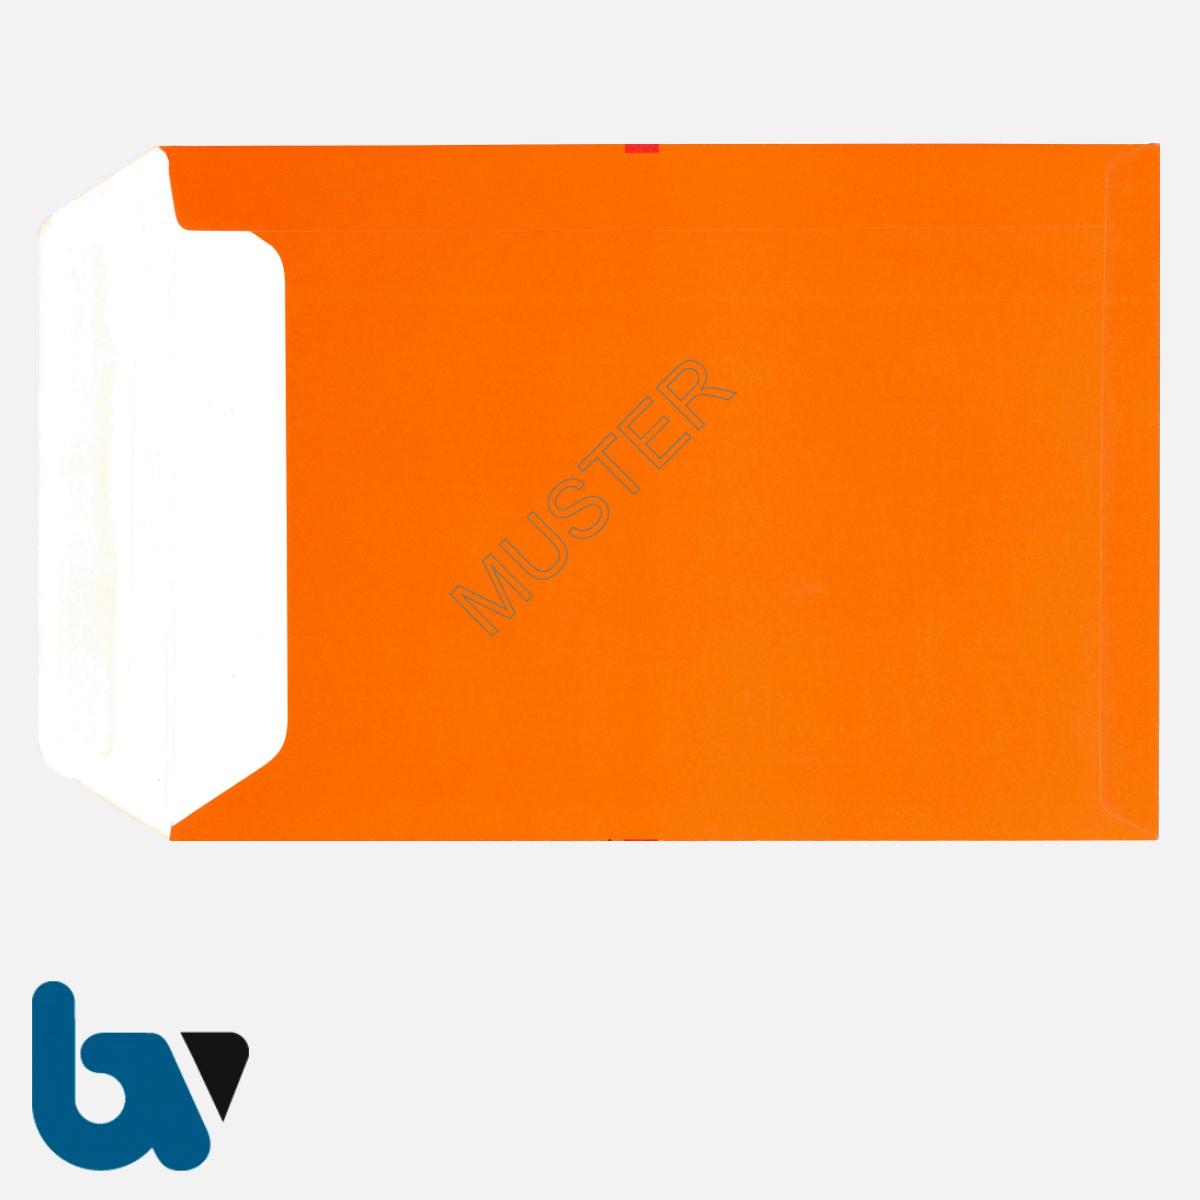 0/747-7a Angebotsumschlag Angebotskopie Ausschreibung rot Haftklebung haftklebend Sicherheitsverschluss DIN B4 Rückseite | Borgard Verlag GmbH